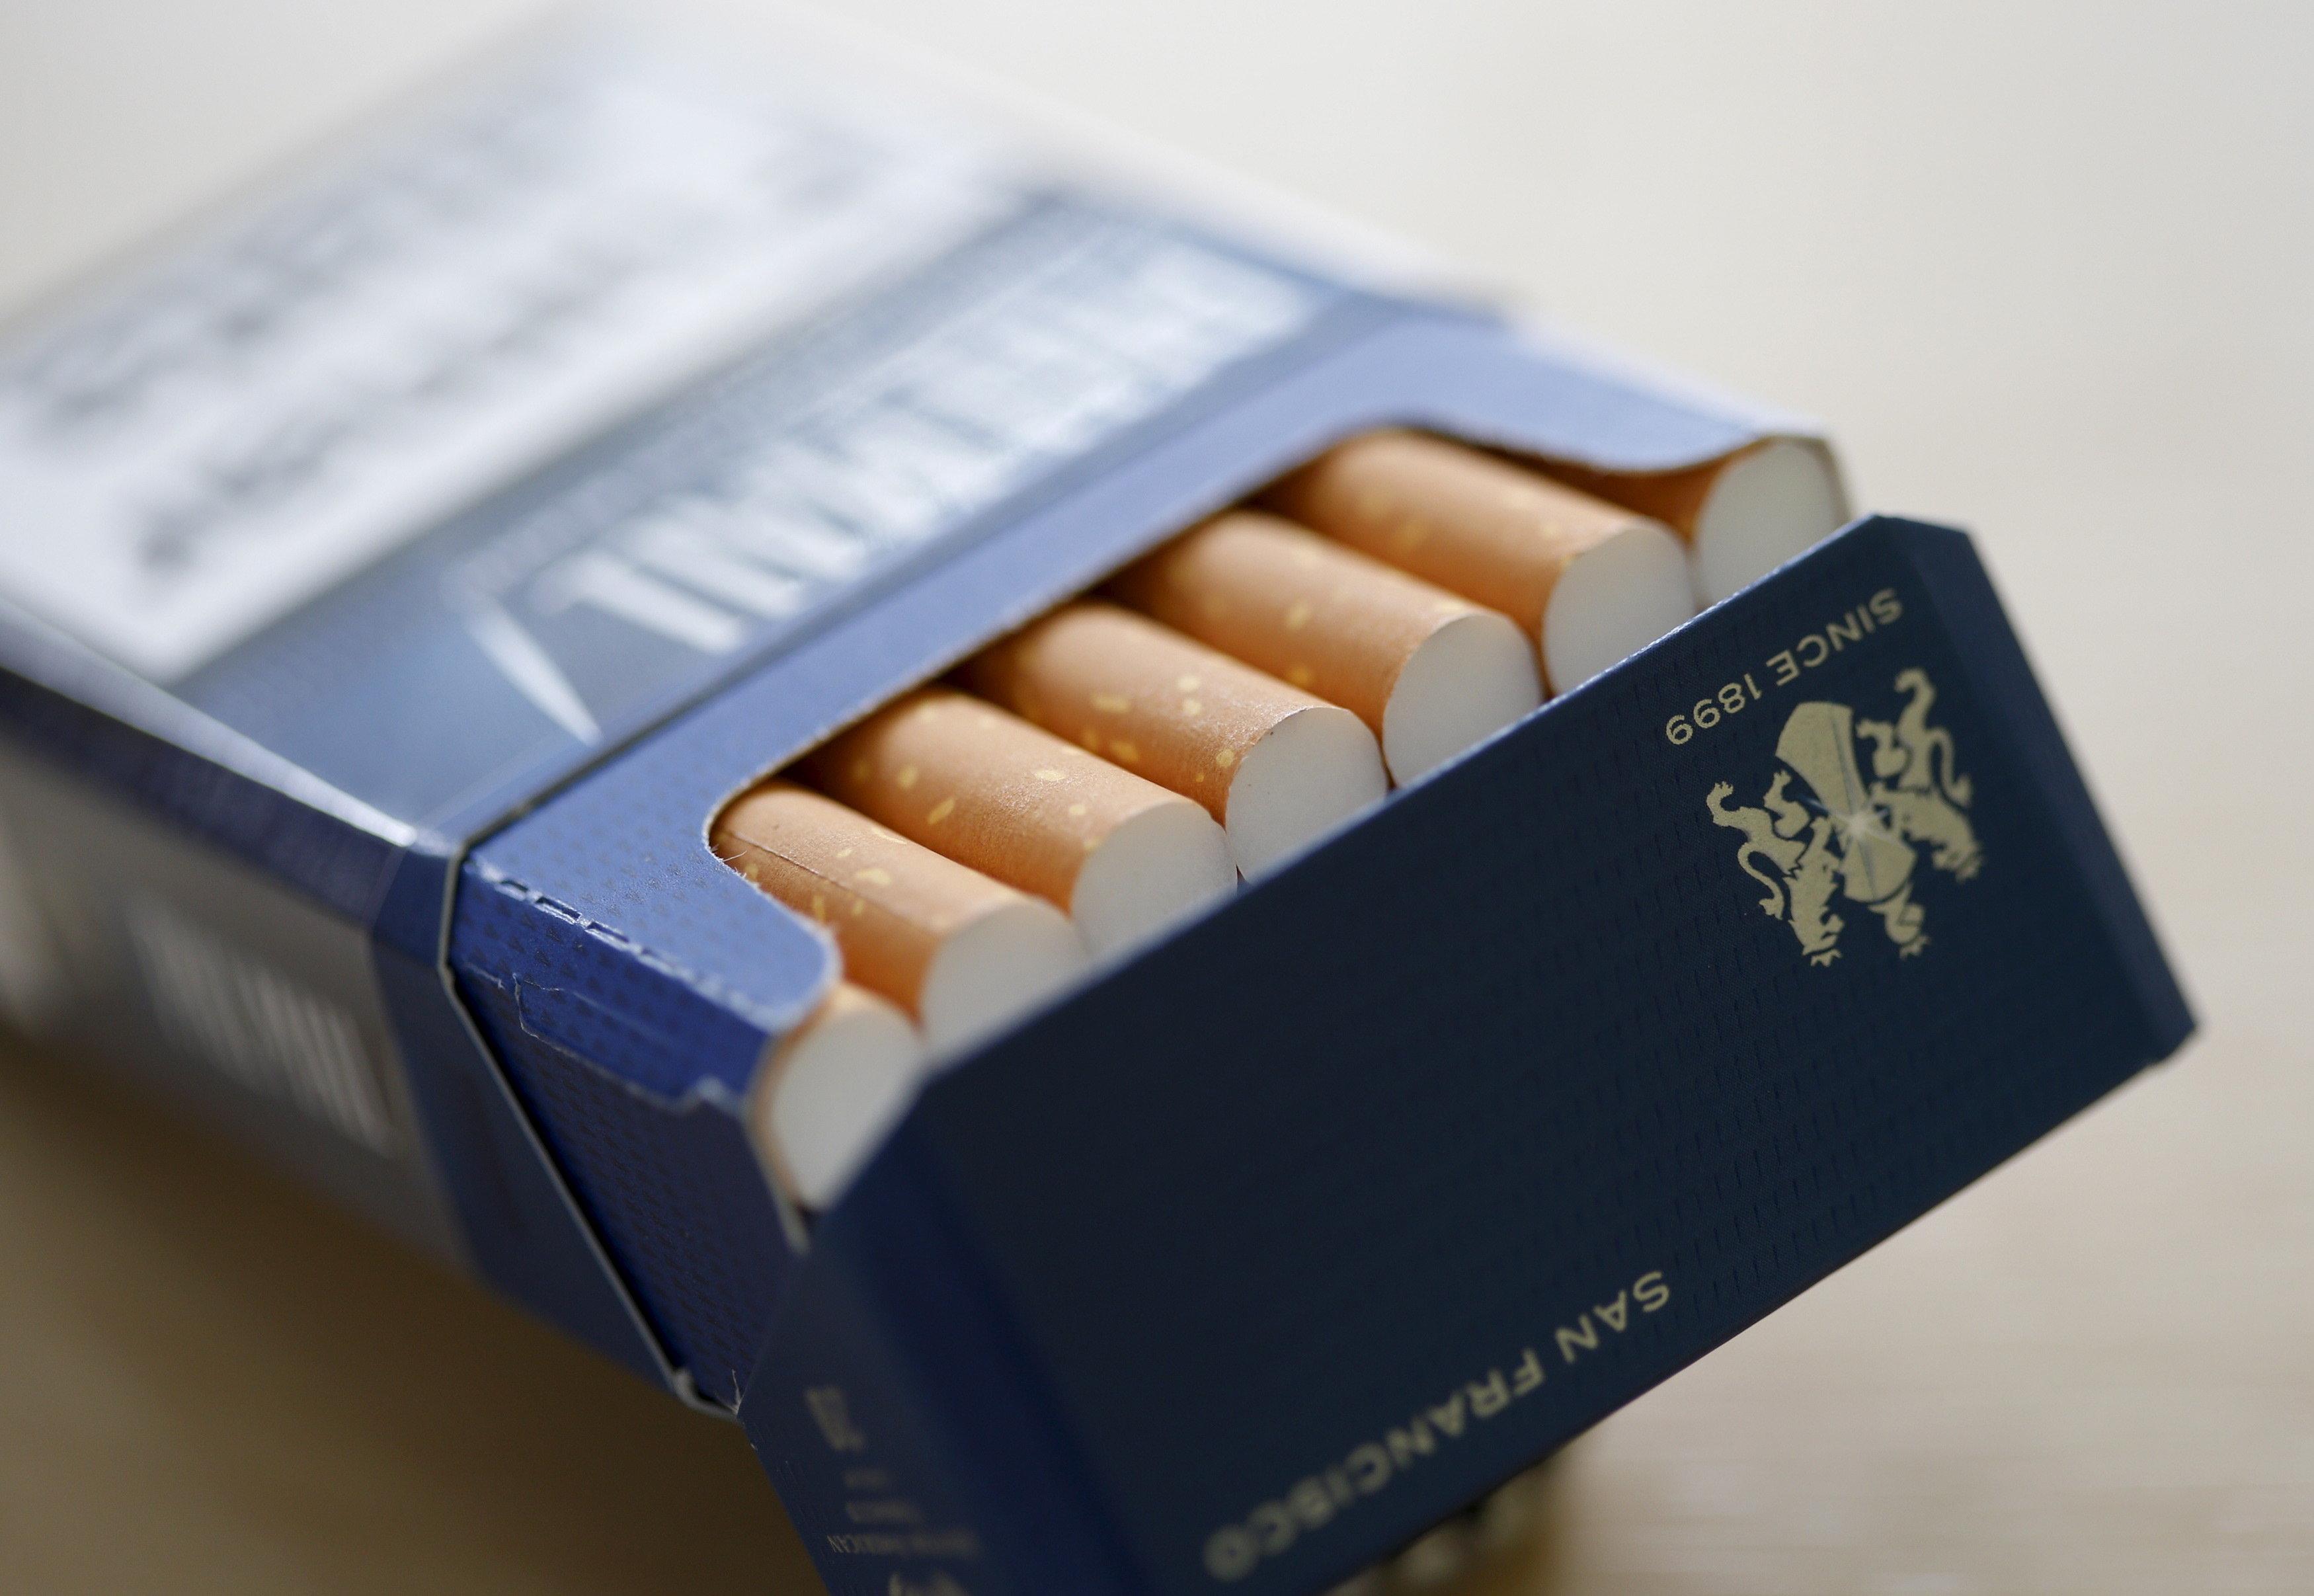 Price for tobacco in Boston